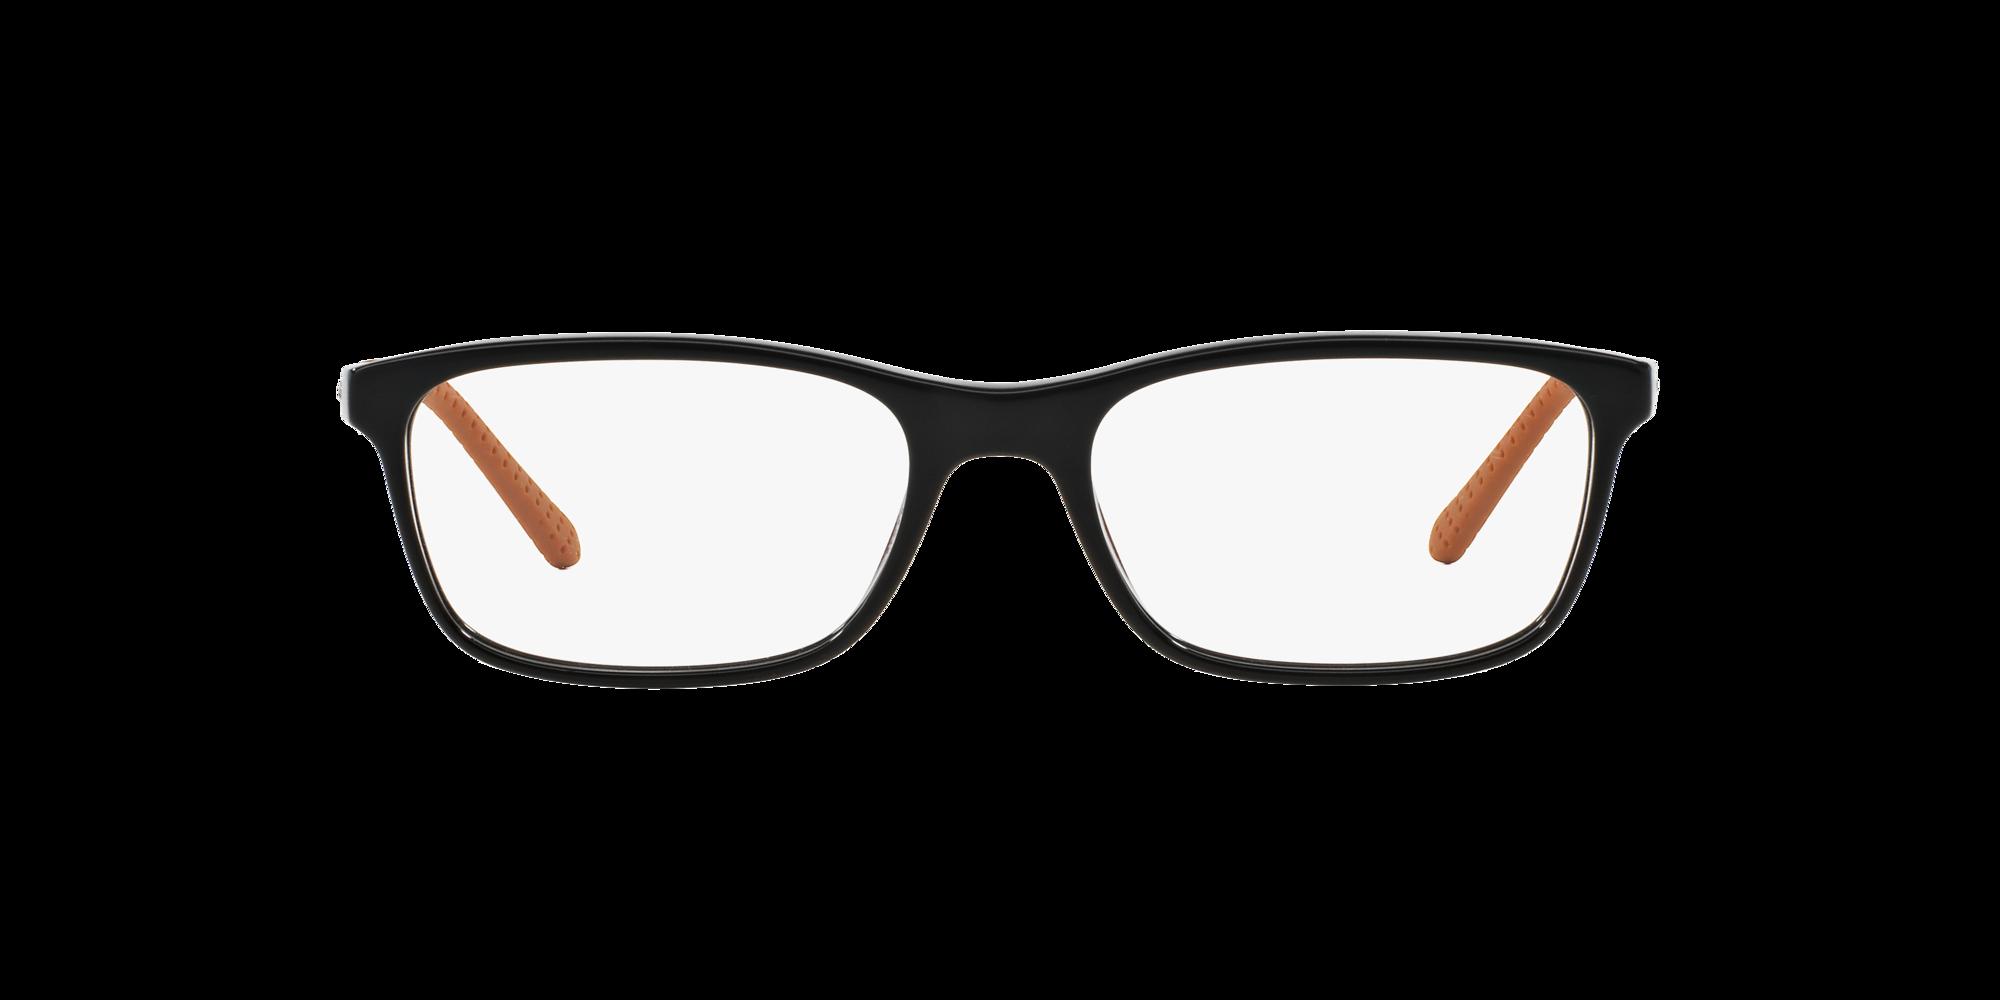 Imagen para RL6134 de LensCrafters |  Espejuelos, espejuelos graduados en línea, gafas